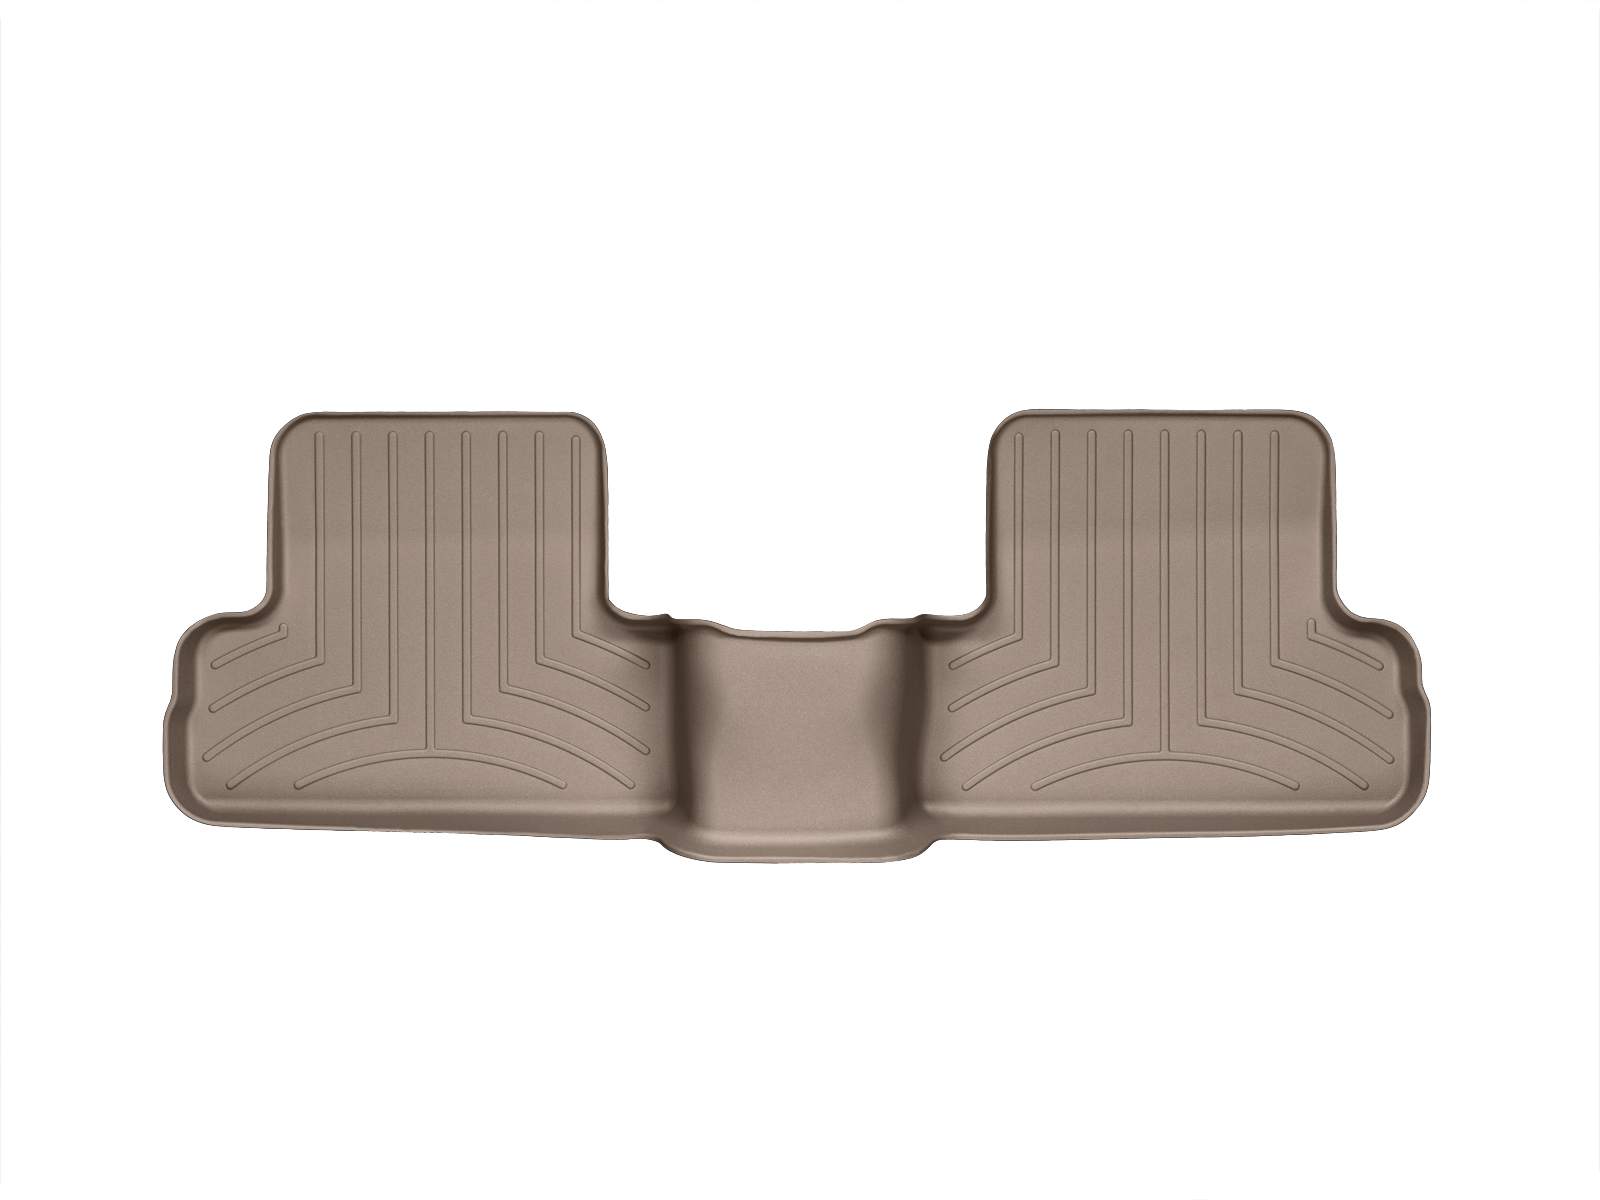 Tappeti gomma su misura bordo alto Nissan X-Trail 08>13 Marrone A2928